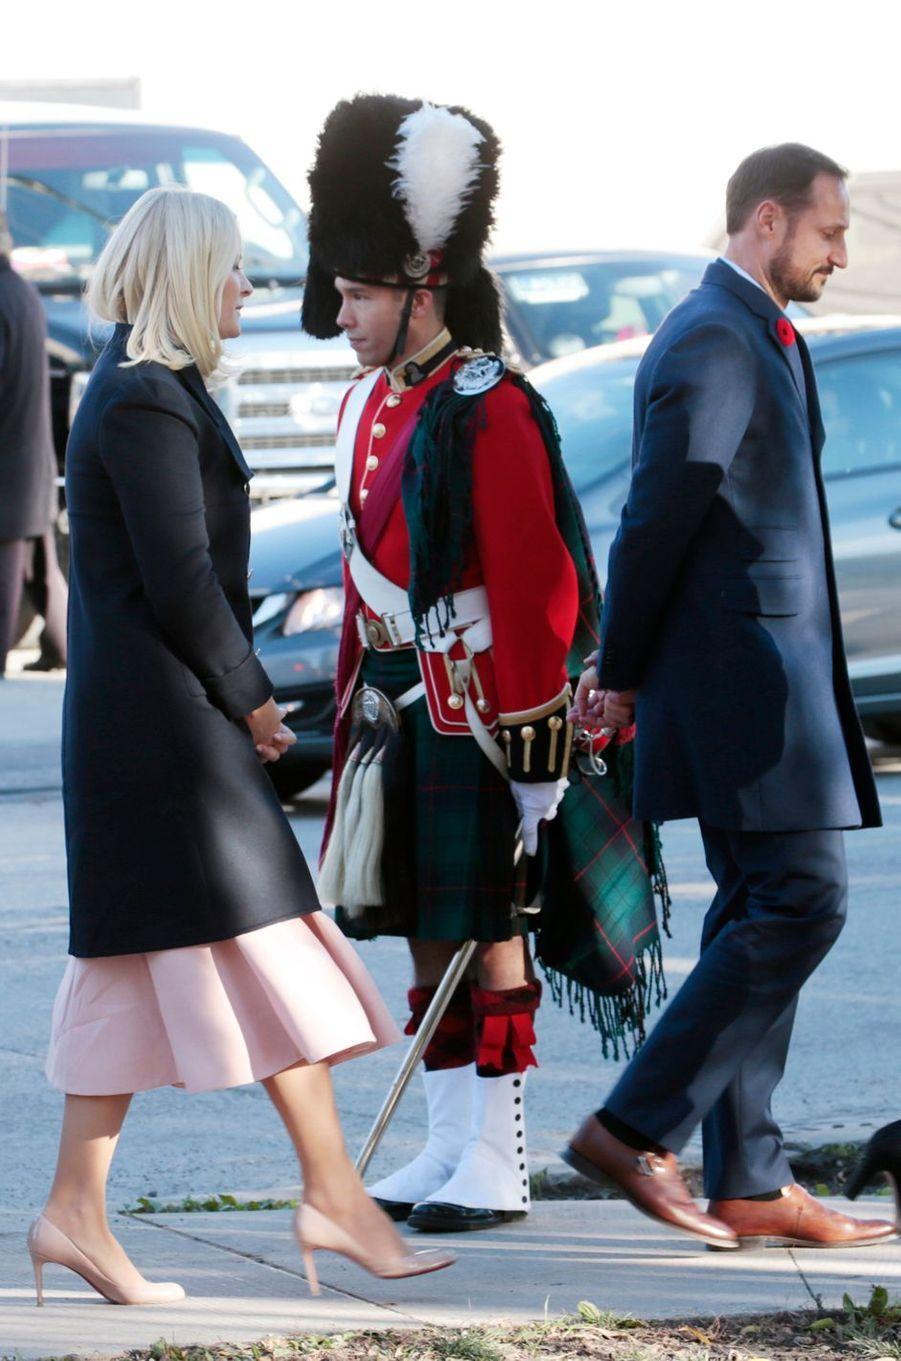 La princesse Mette-Marit et le prince Haakon de Norvège à Toronto, le 9 novembre 2016